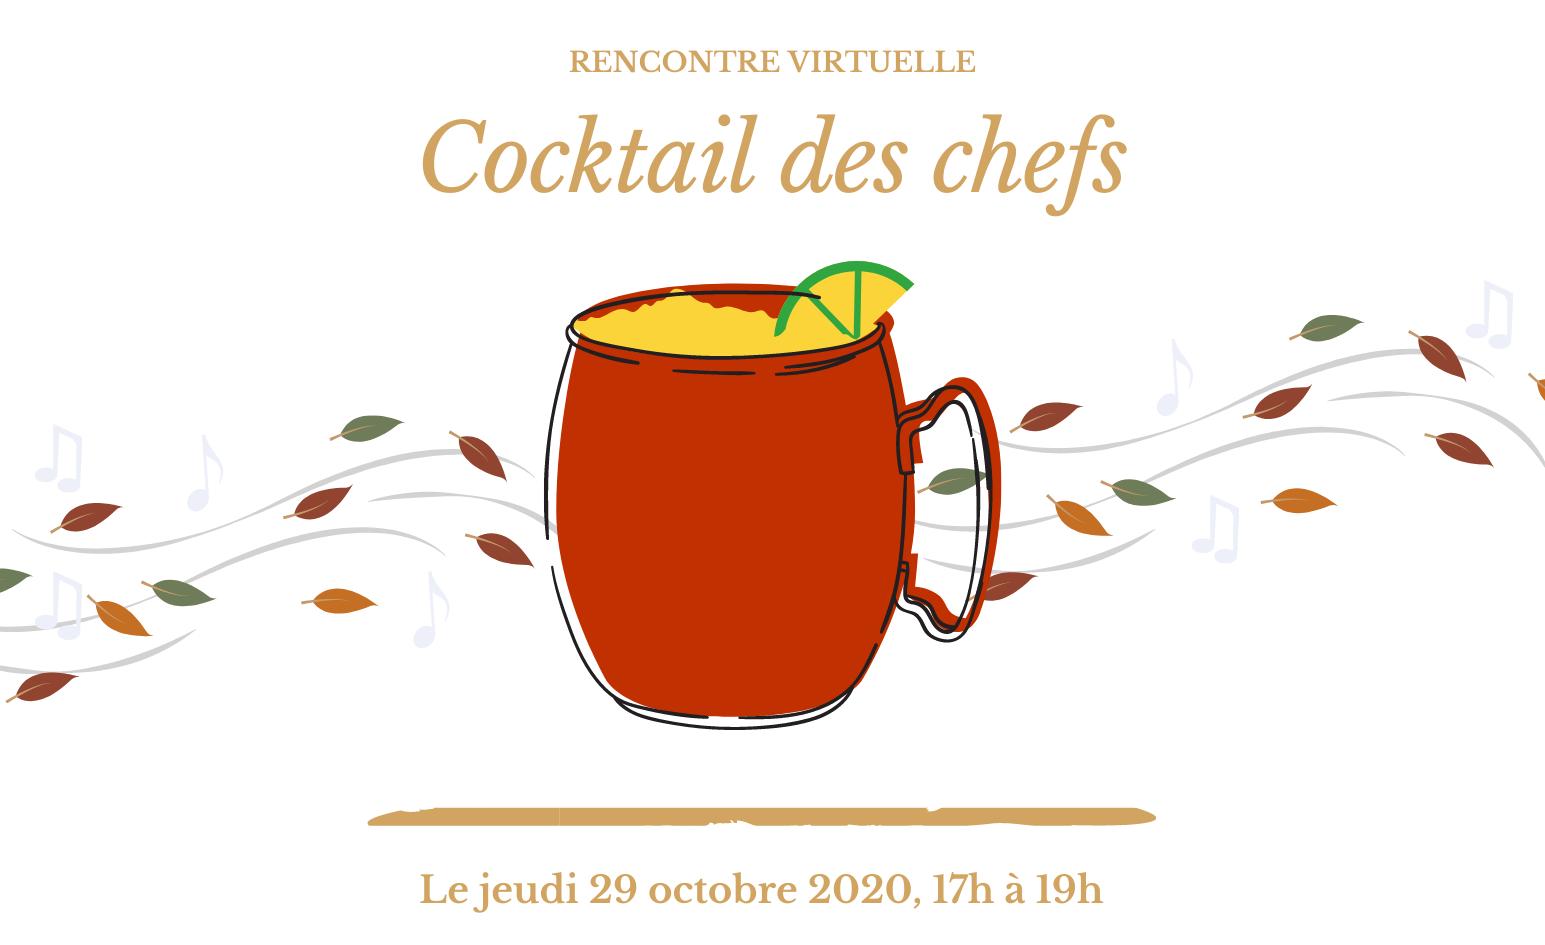 Cocktail des chefs | 29 octobre